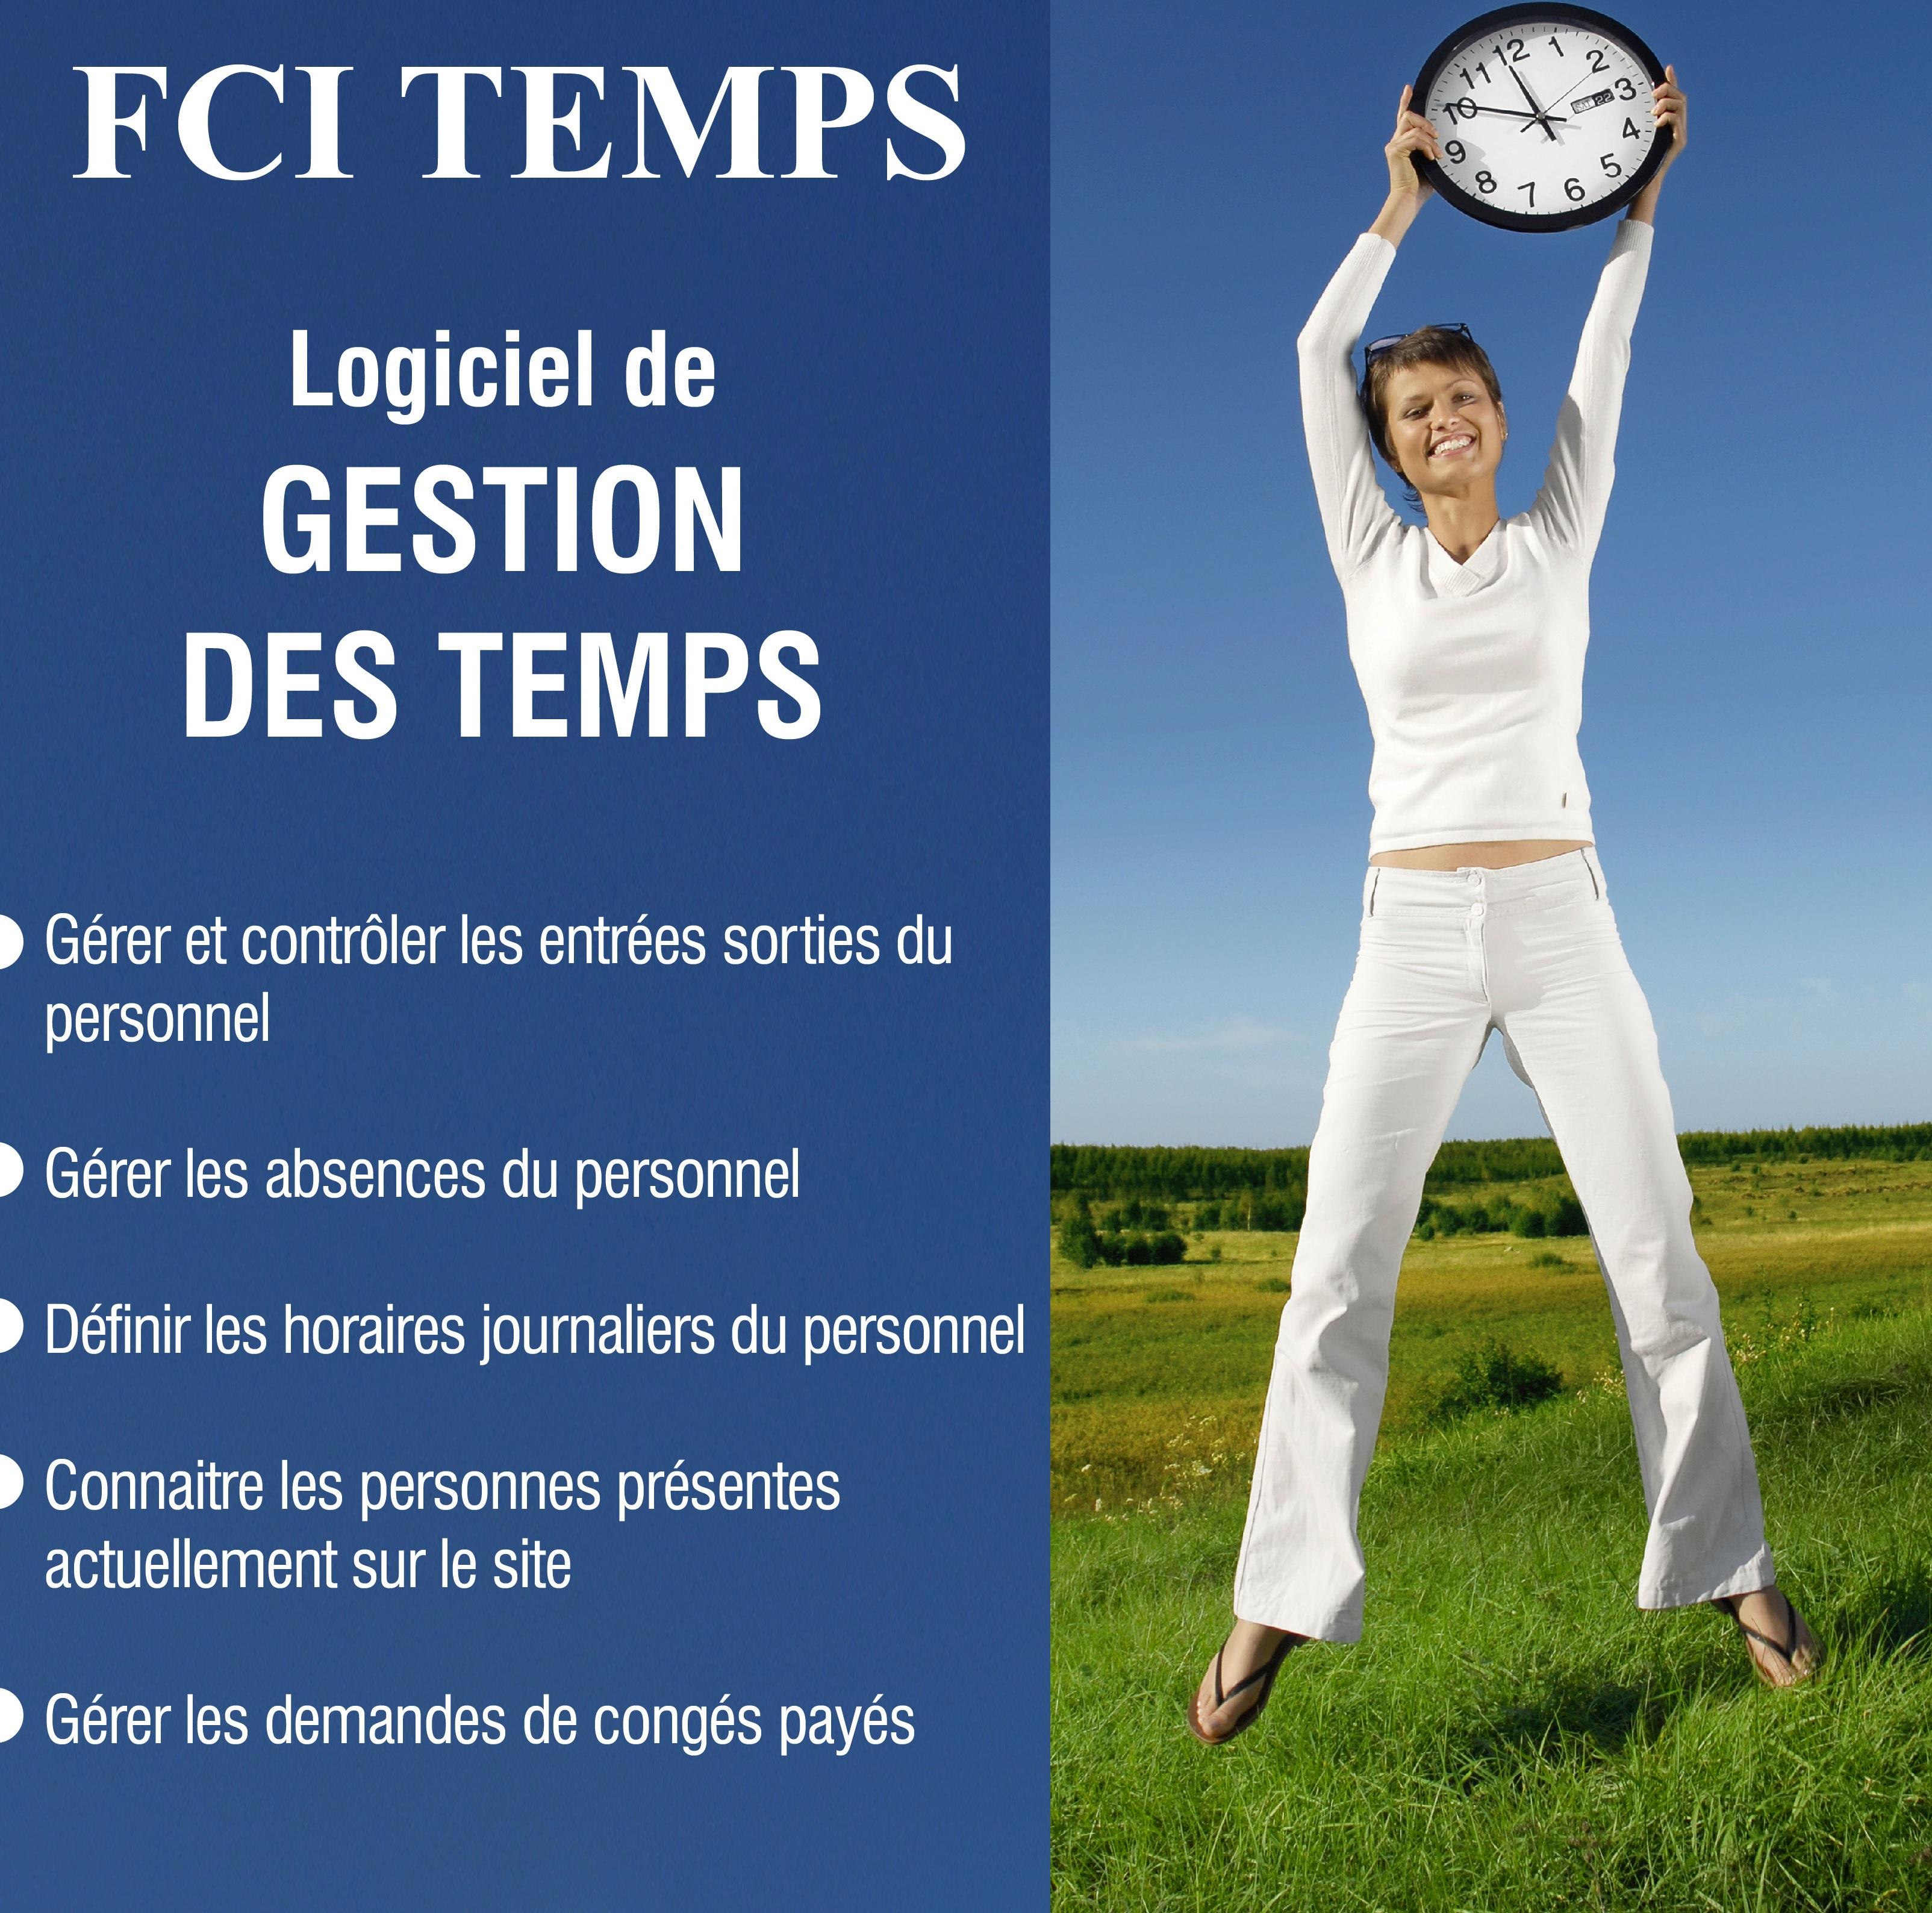 FCI Temps - logiciel de gestion des temps